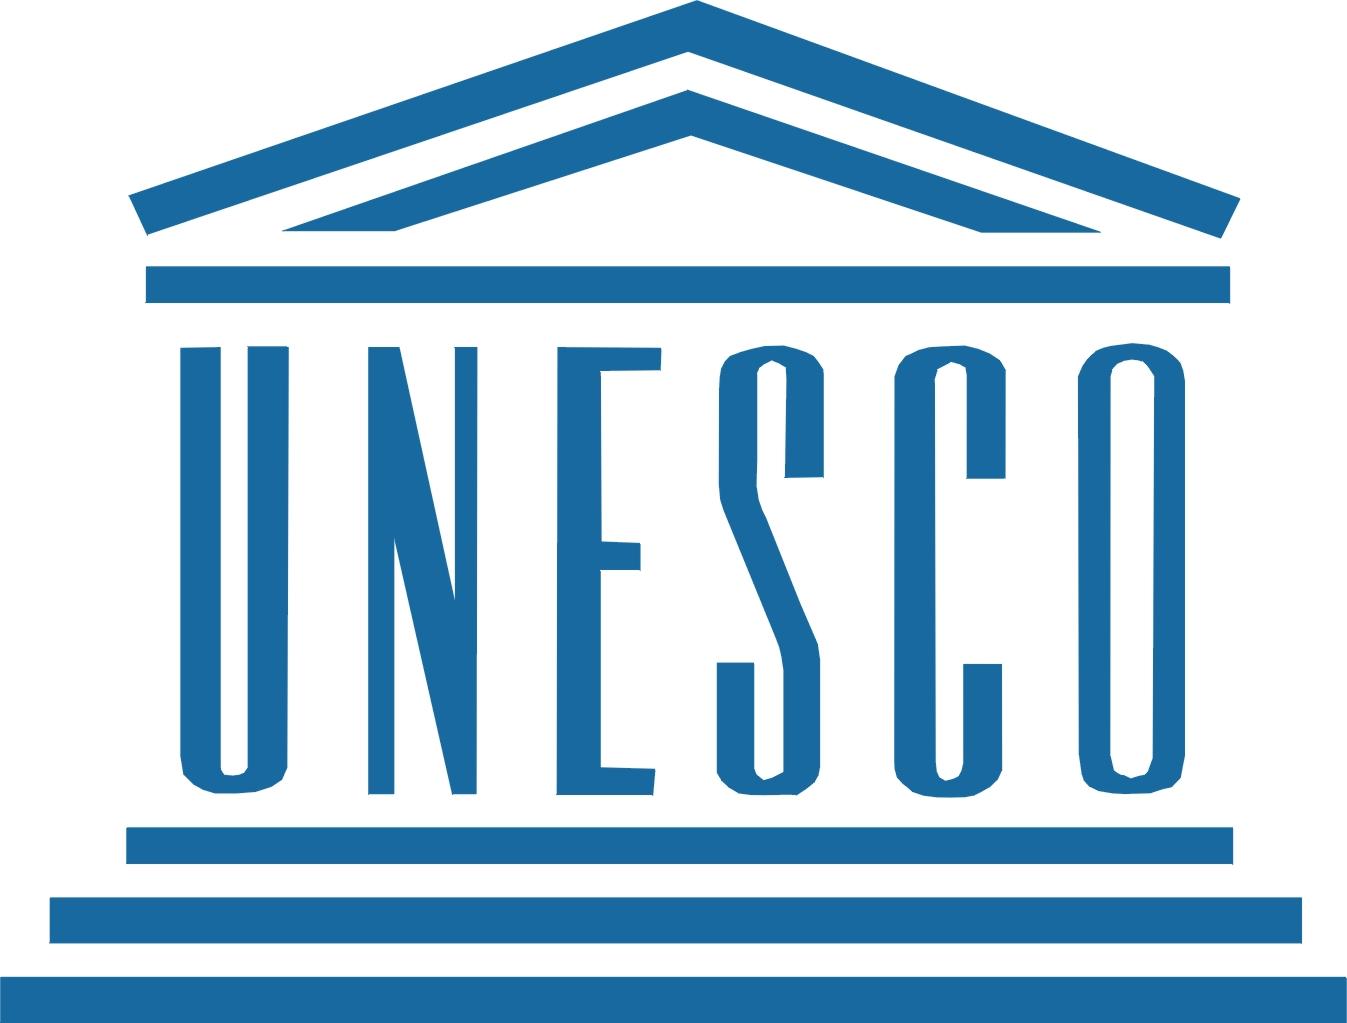 UNESCO Là Gì? Tìm Hiểu Về UNESCO Là Gì?